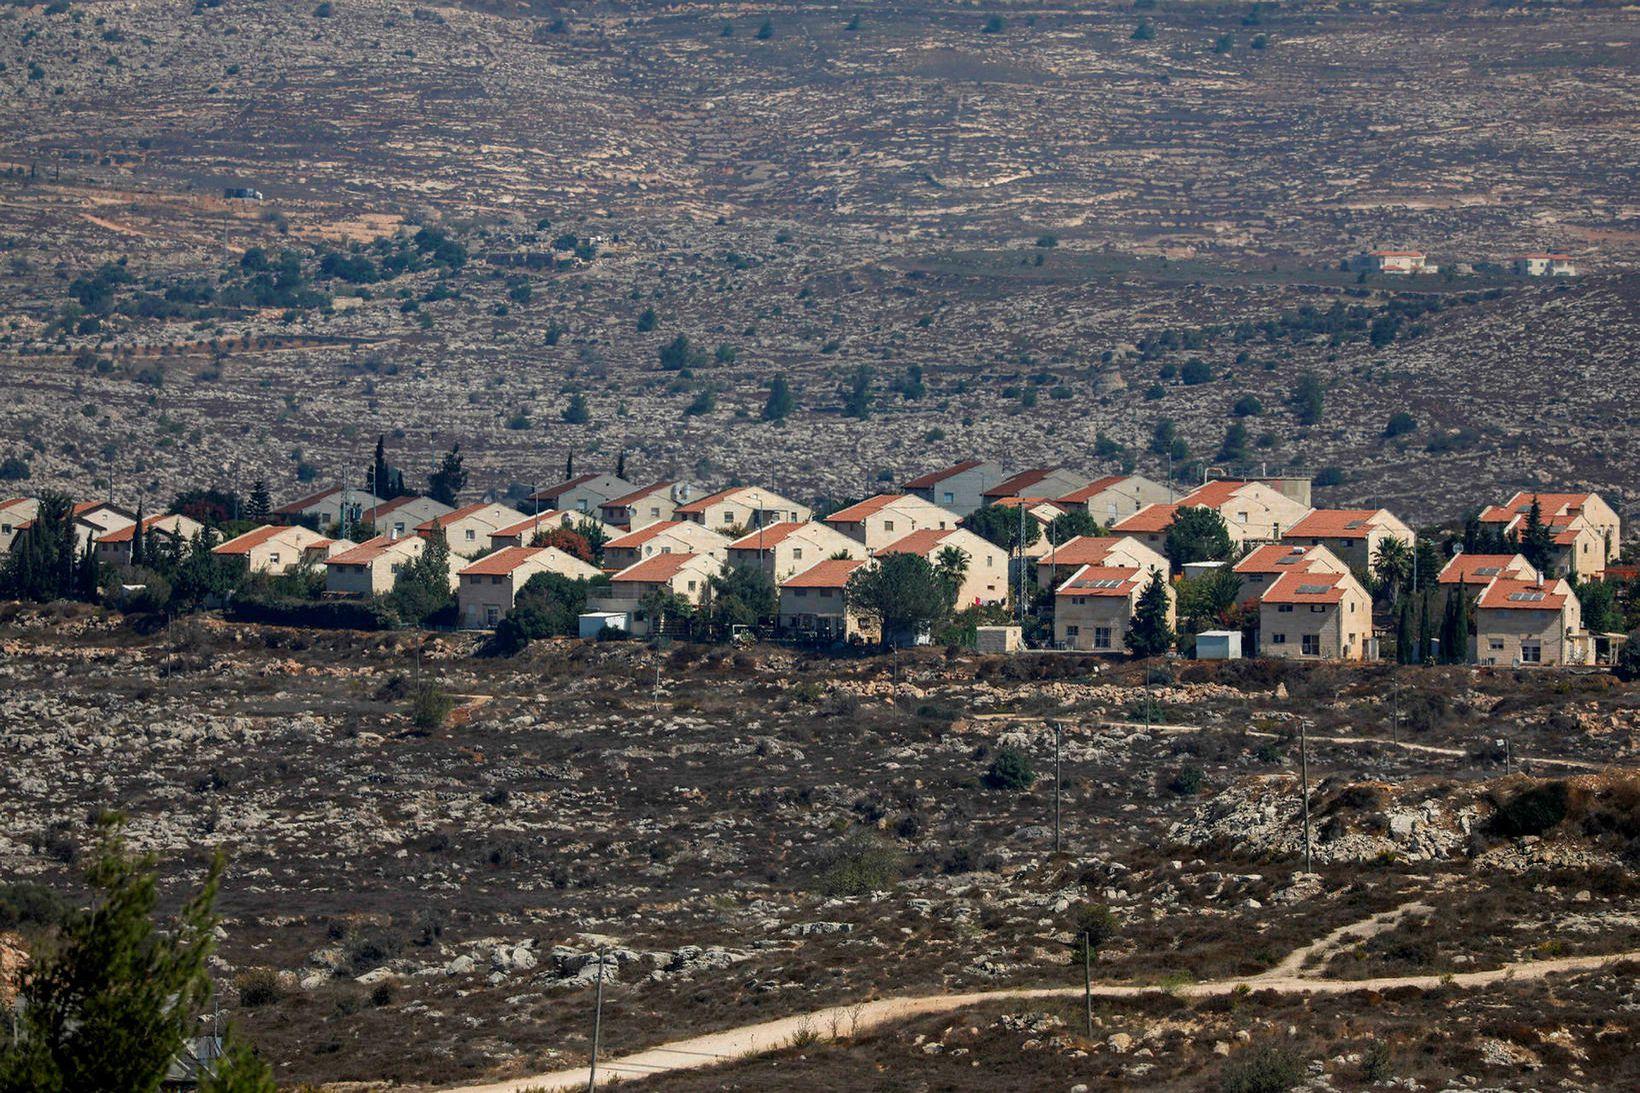 Hér má sjá uppbyggingu Ísraela í Ofra í austurhluta Ramallah, …